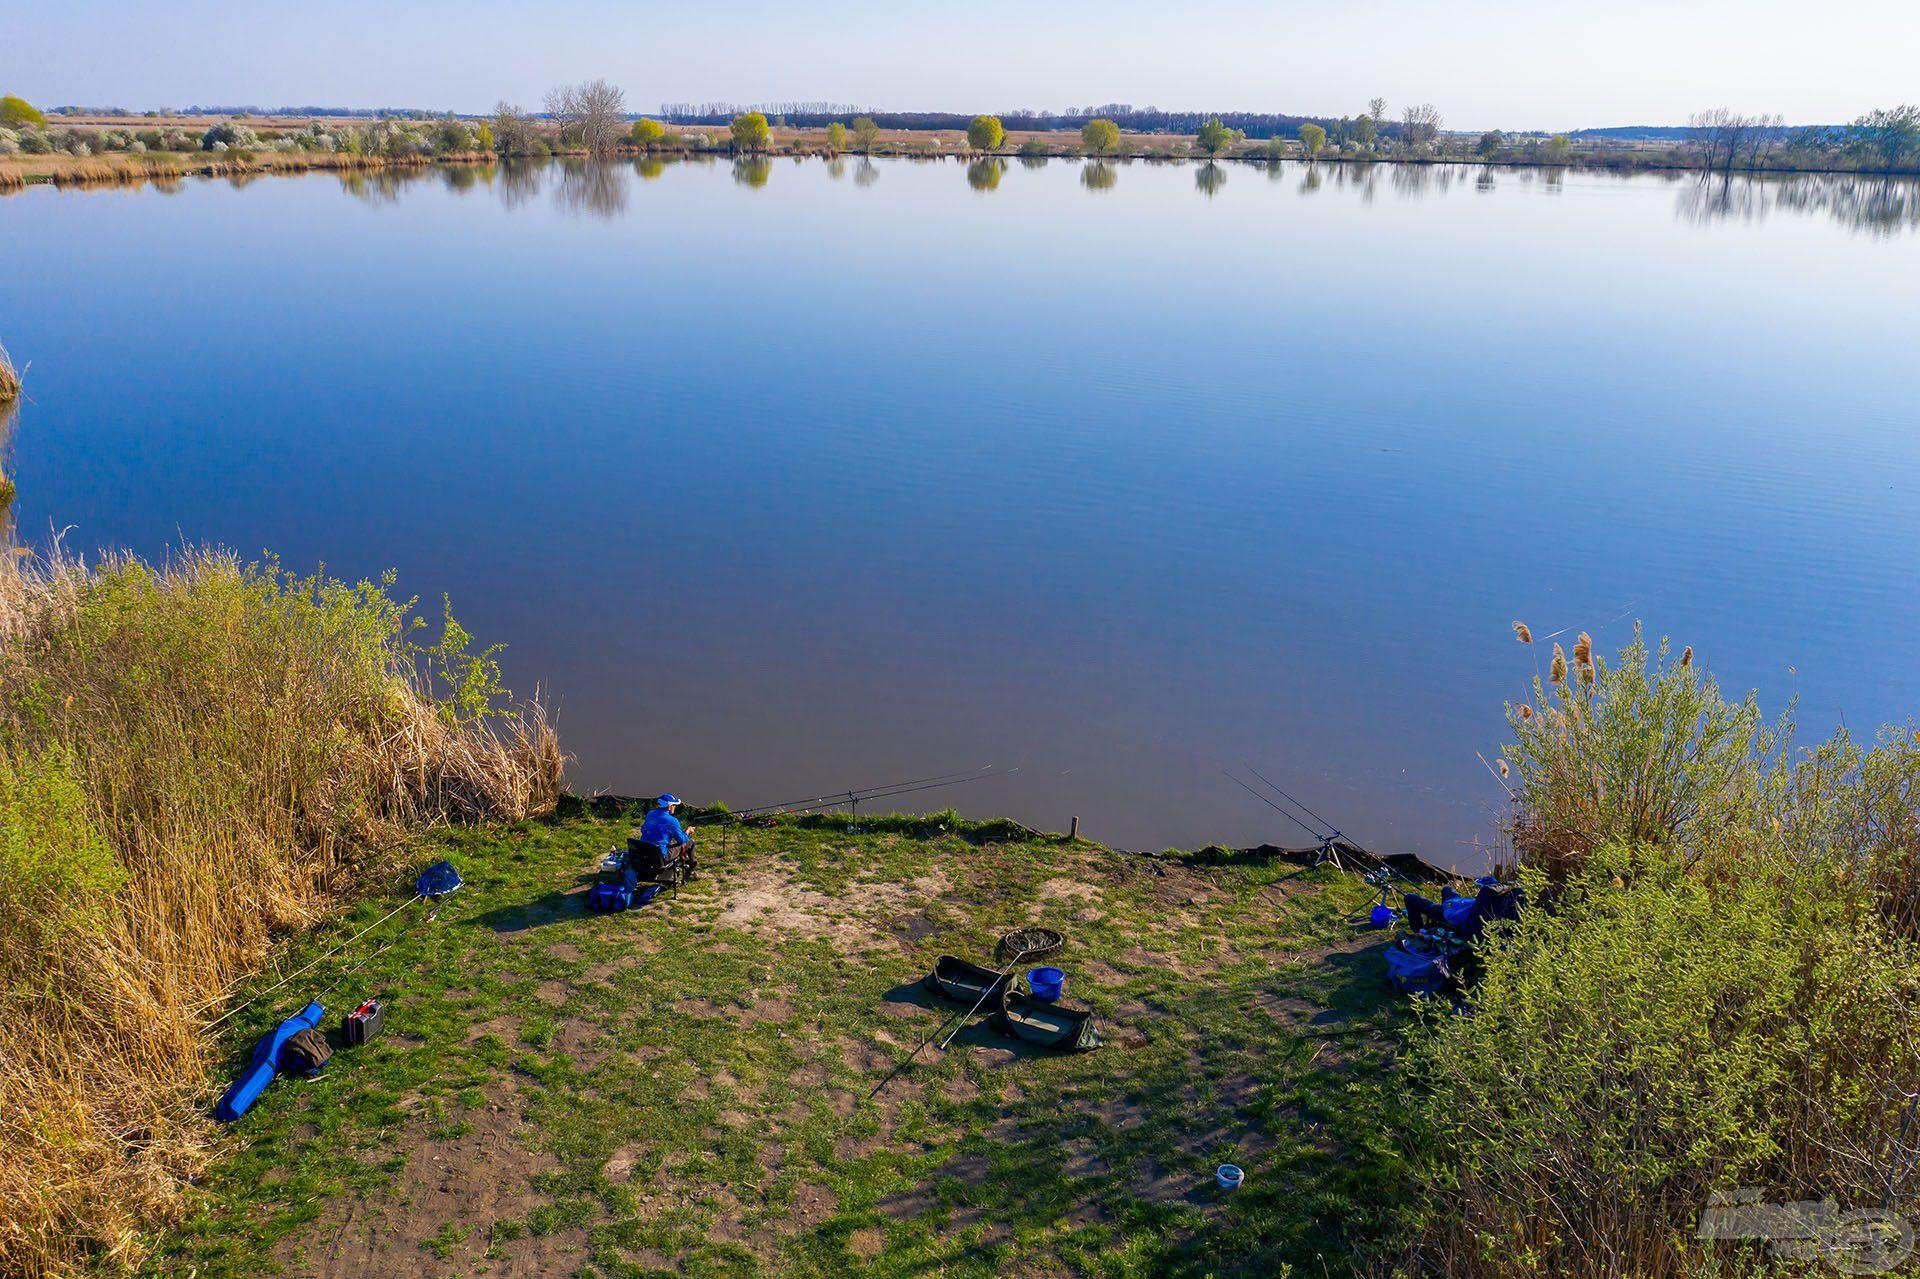 A legismertebb horgásztavuk az Ohati III. sz. tó, amely 26 ha alapterületű